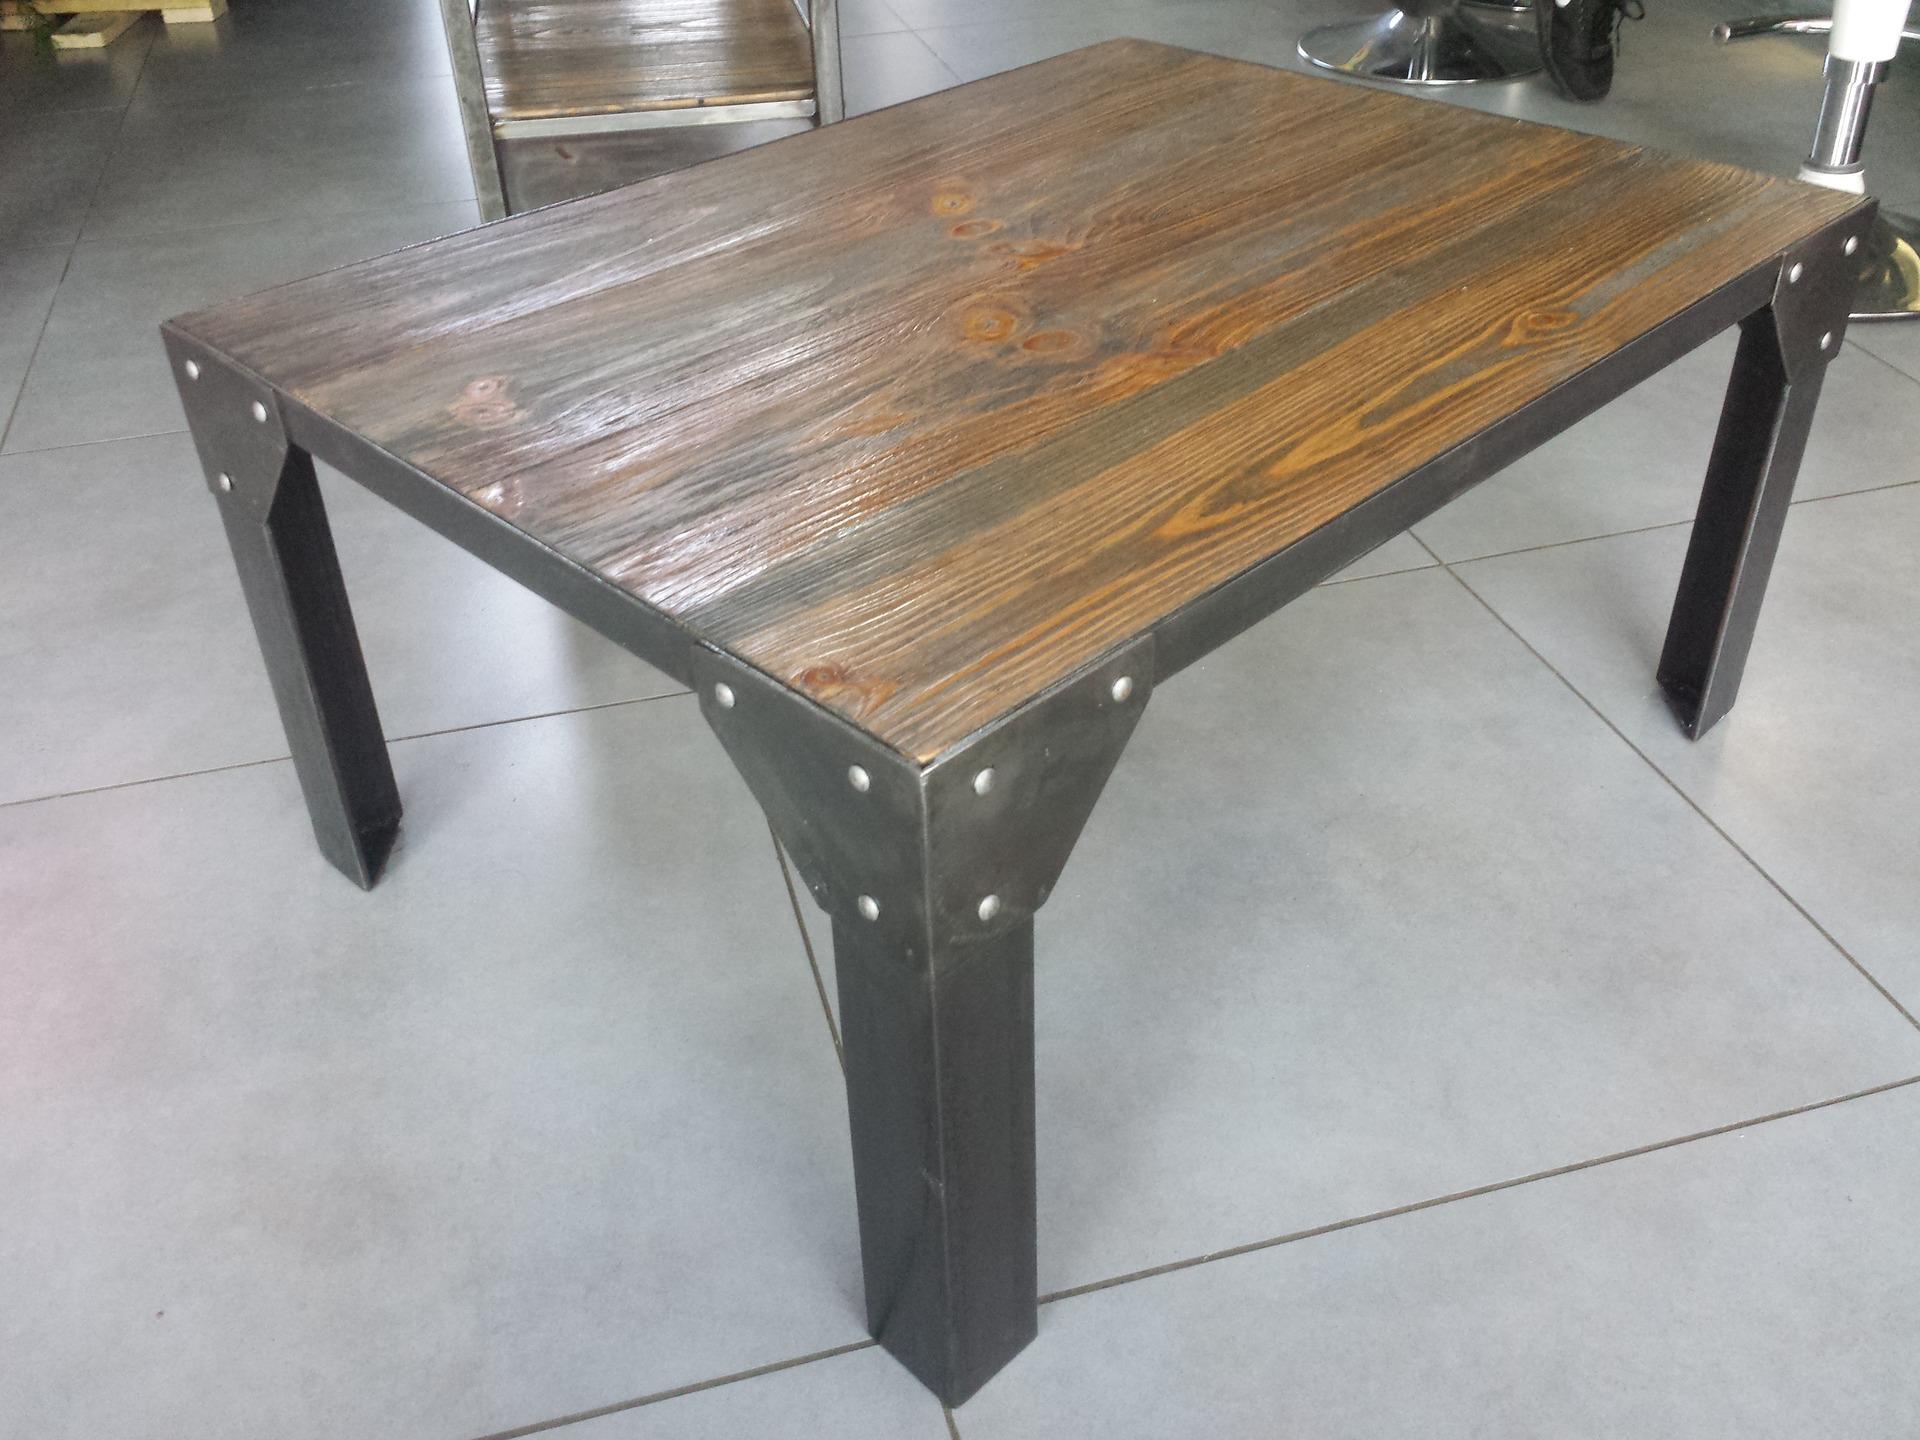 Gain Fabriquer Basse Table Sa Industrielle Boutique De N80vOynmwP